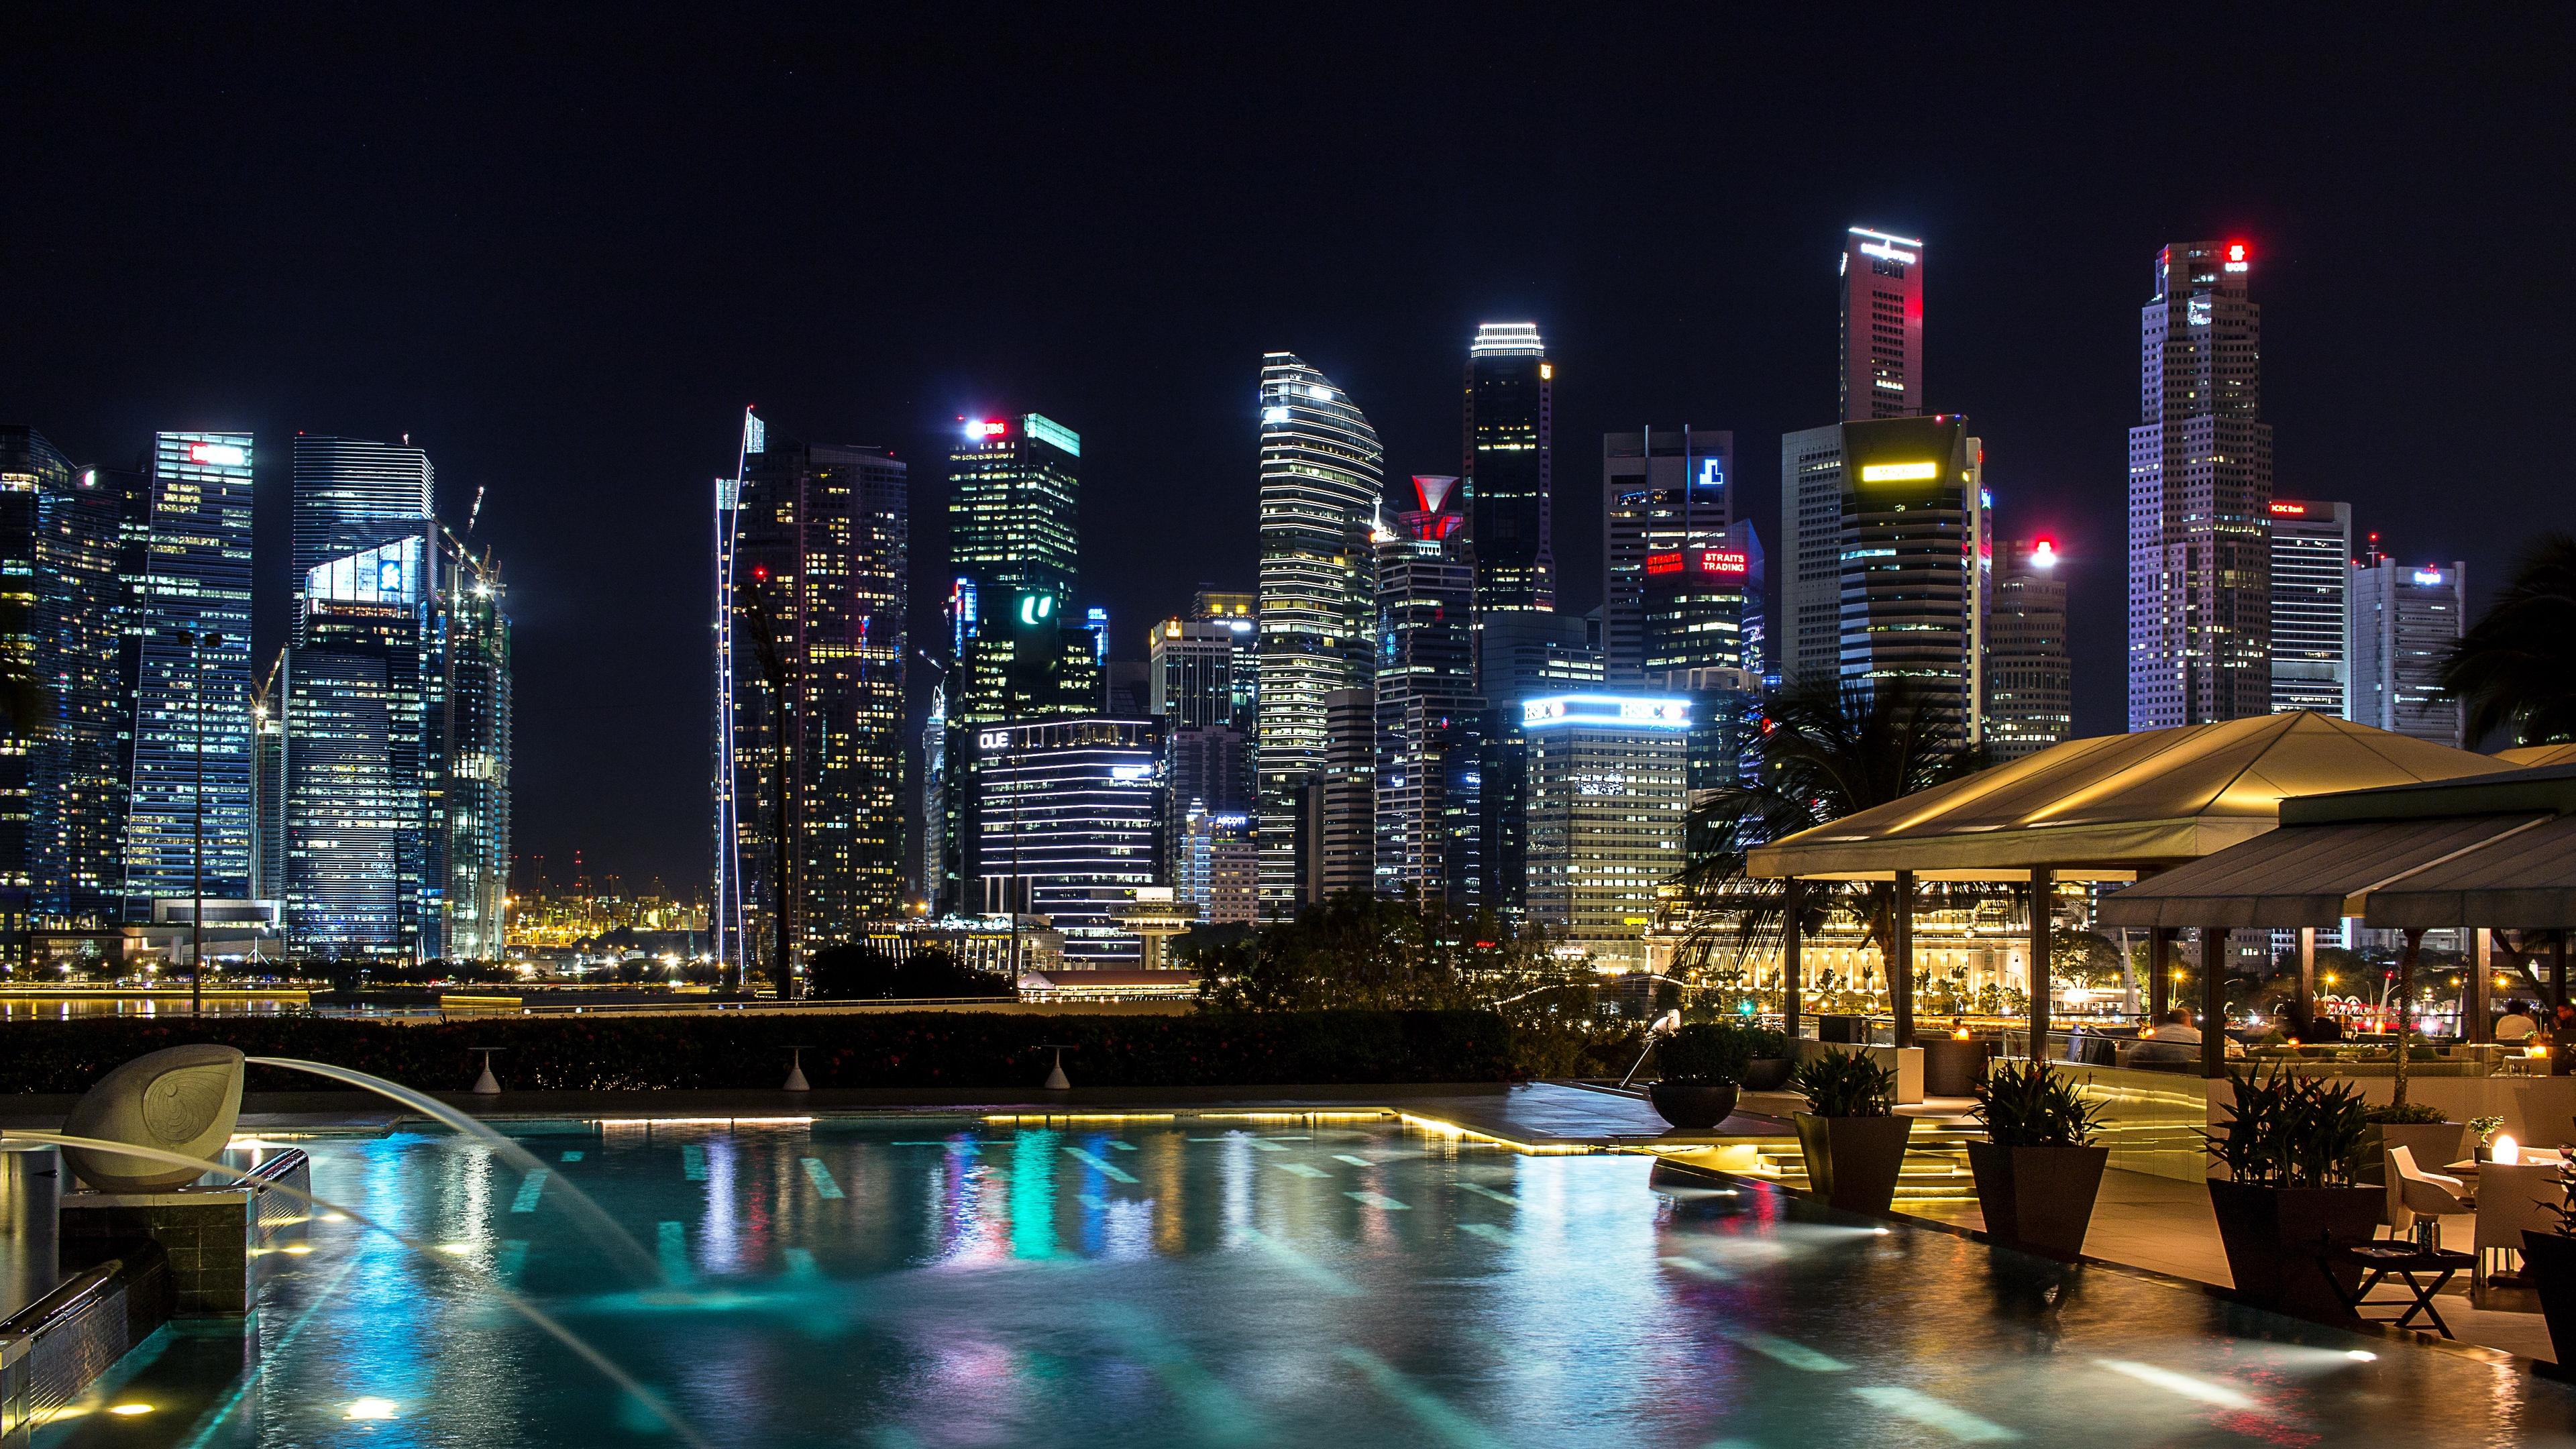 singapore light show night skyscrapers 4k 1538067121 - singapore, light show, night, skyscrapers 4k - Singapore, Night, light show